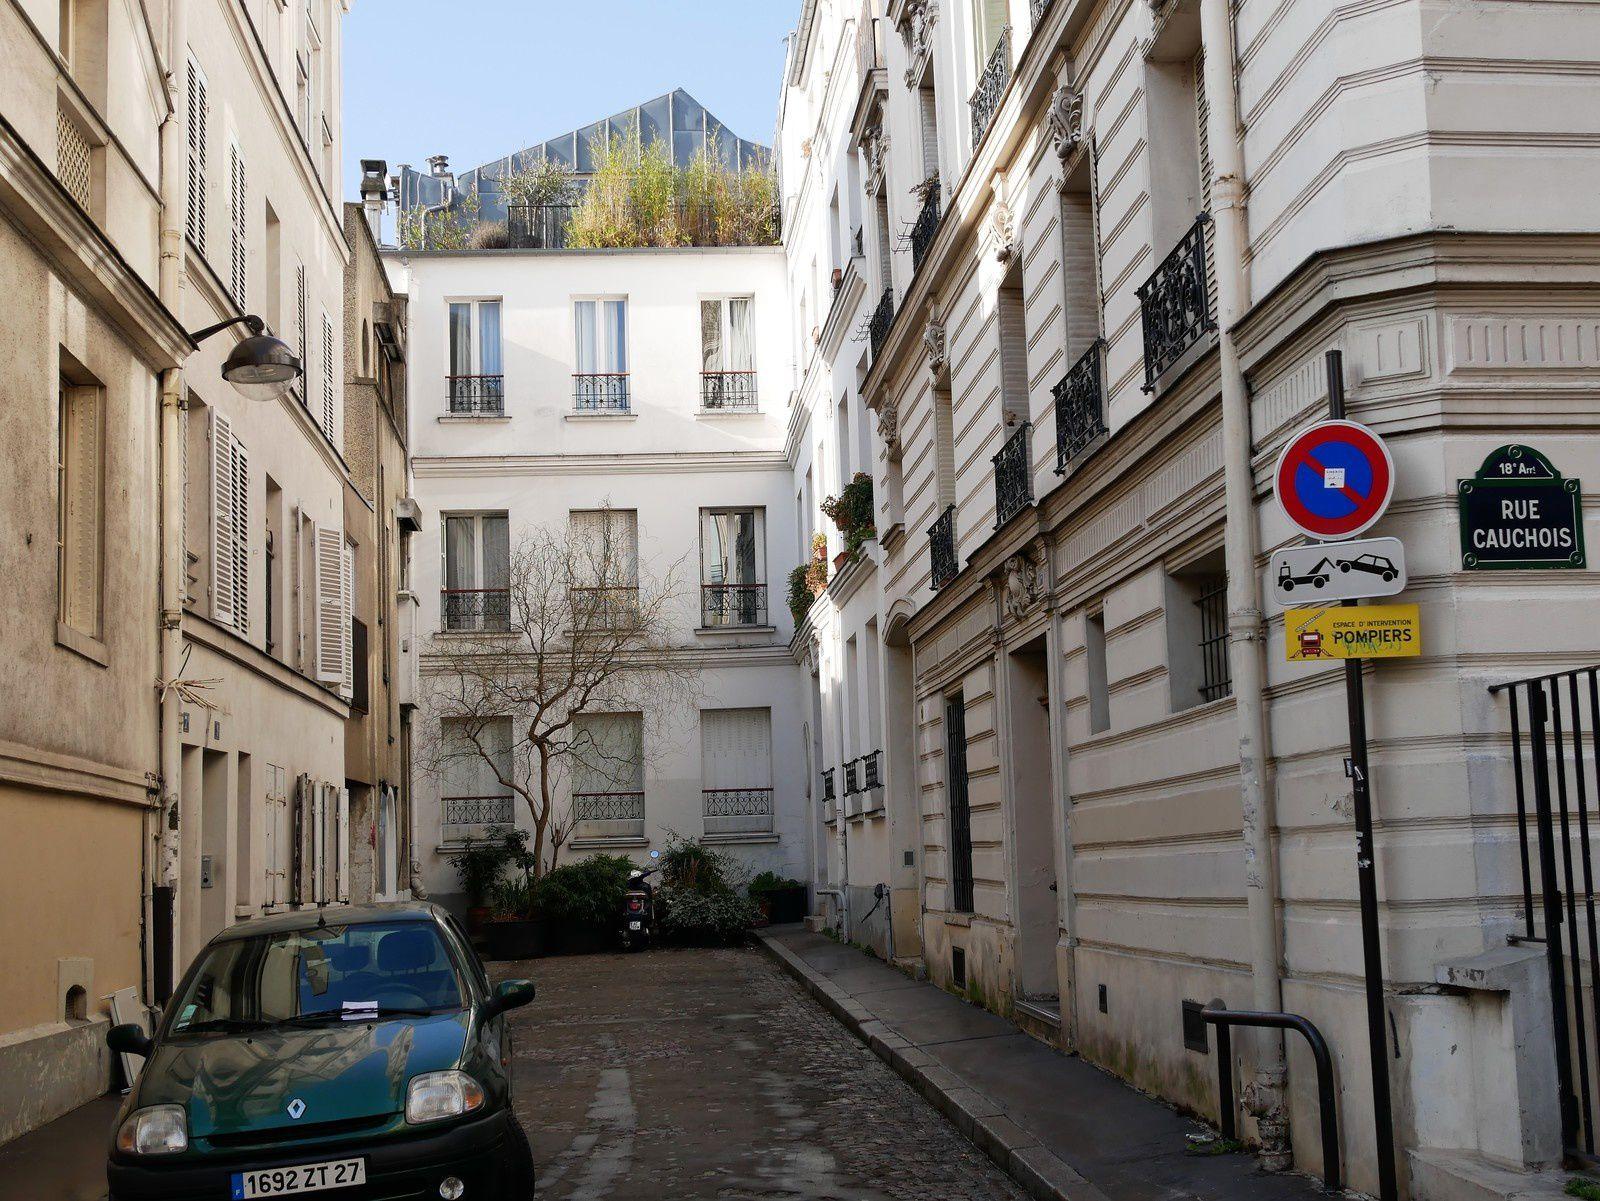 L'ancienne impasse Cauchois qui fait partie aujourd'hui de la rue.